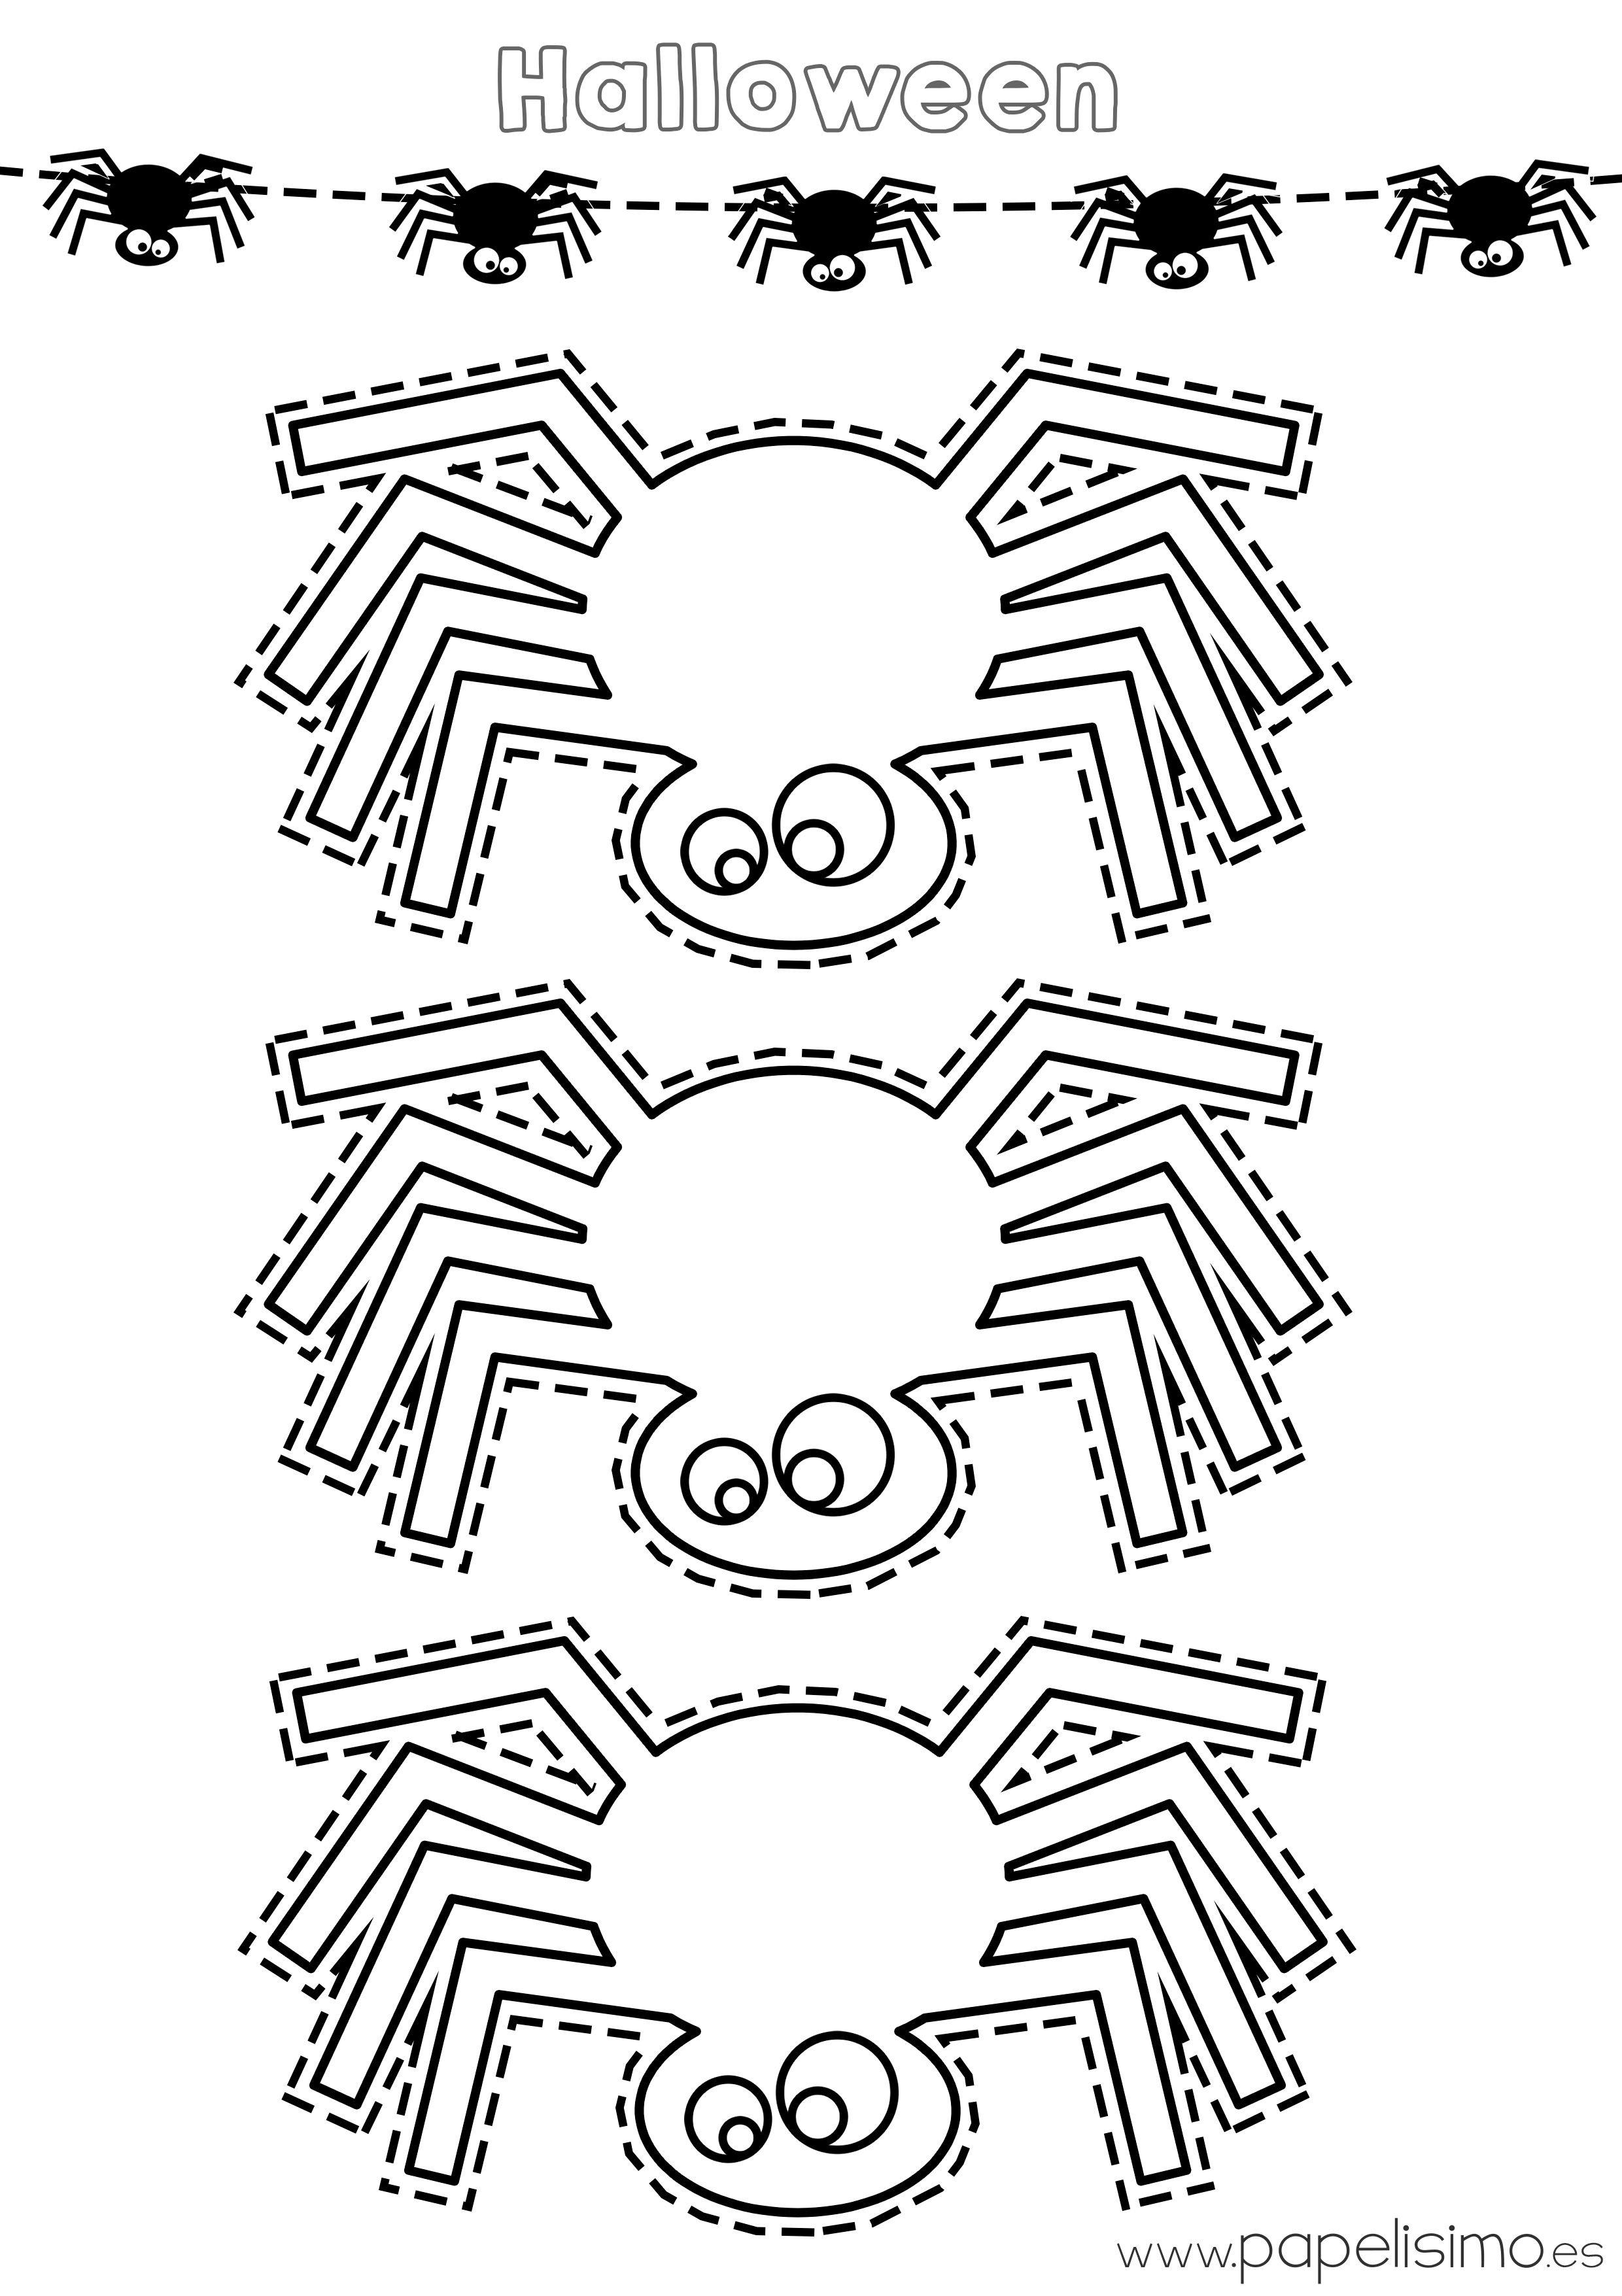 Plantilla-araña-Halloween-imprimir-colorear-recortar | Moldes ...